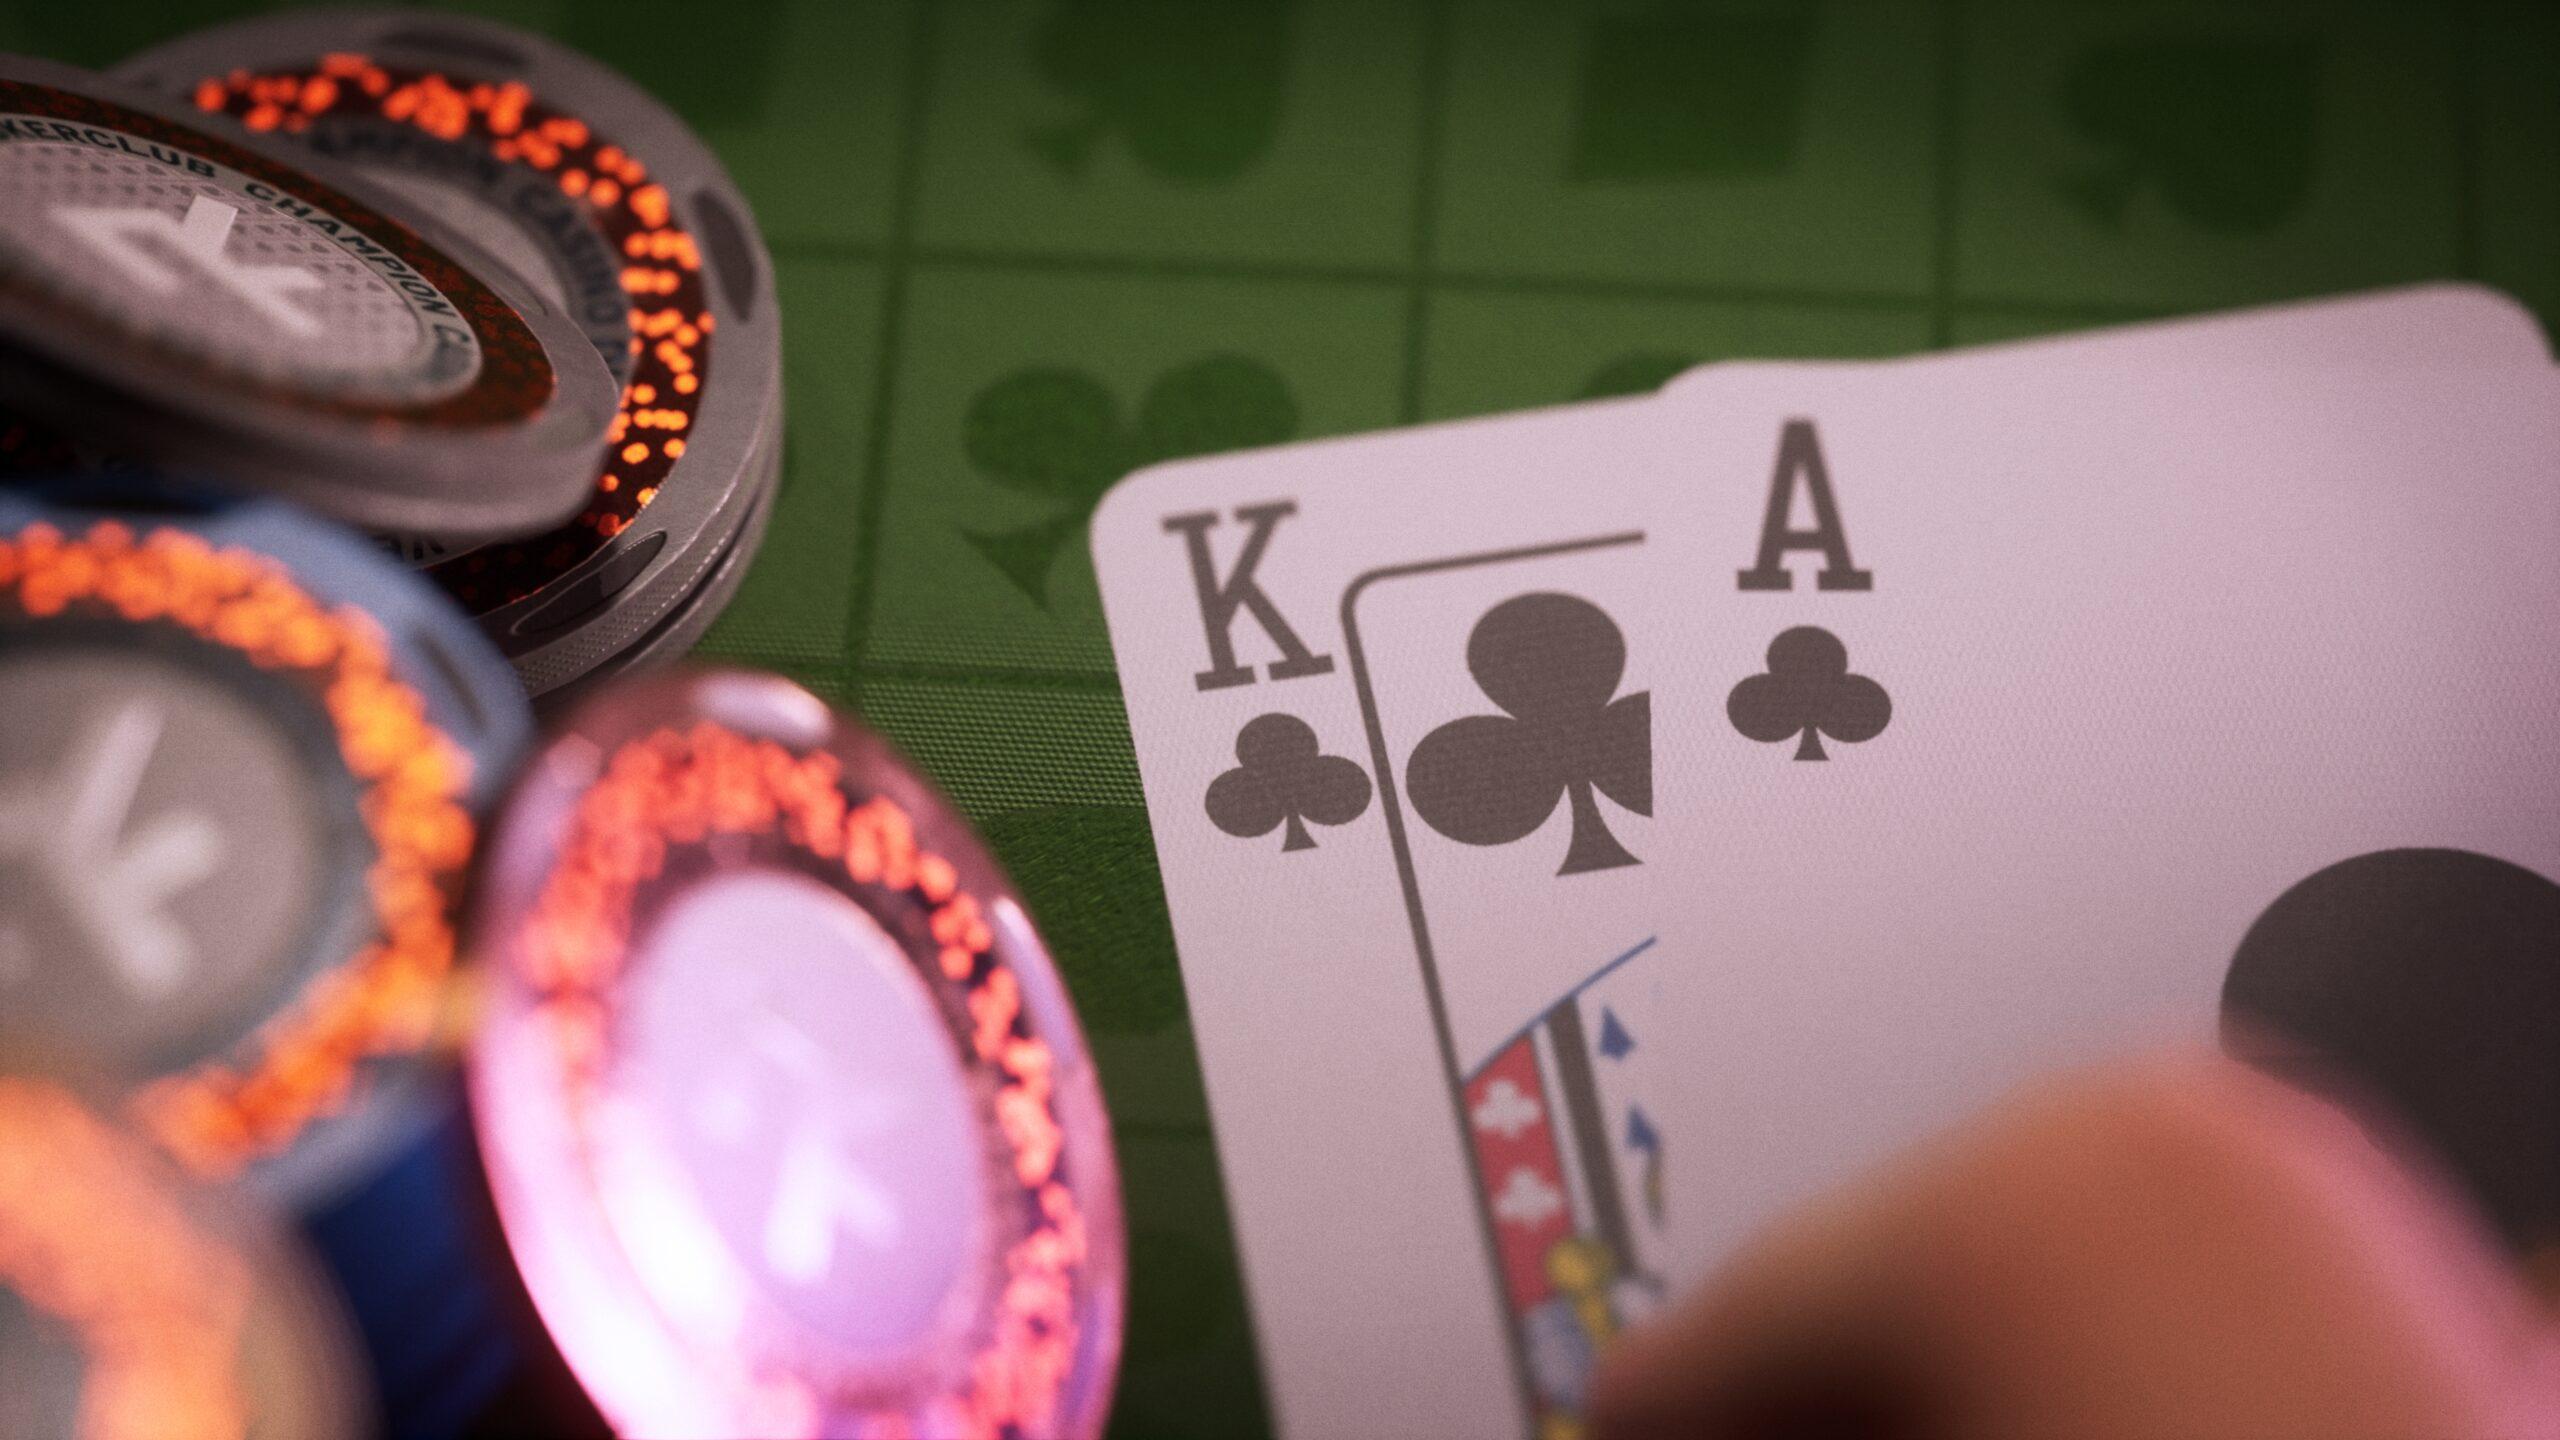 Poker-Club_2020_10-20-20_001